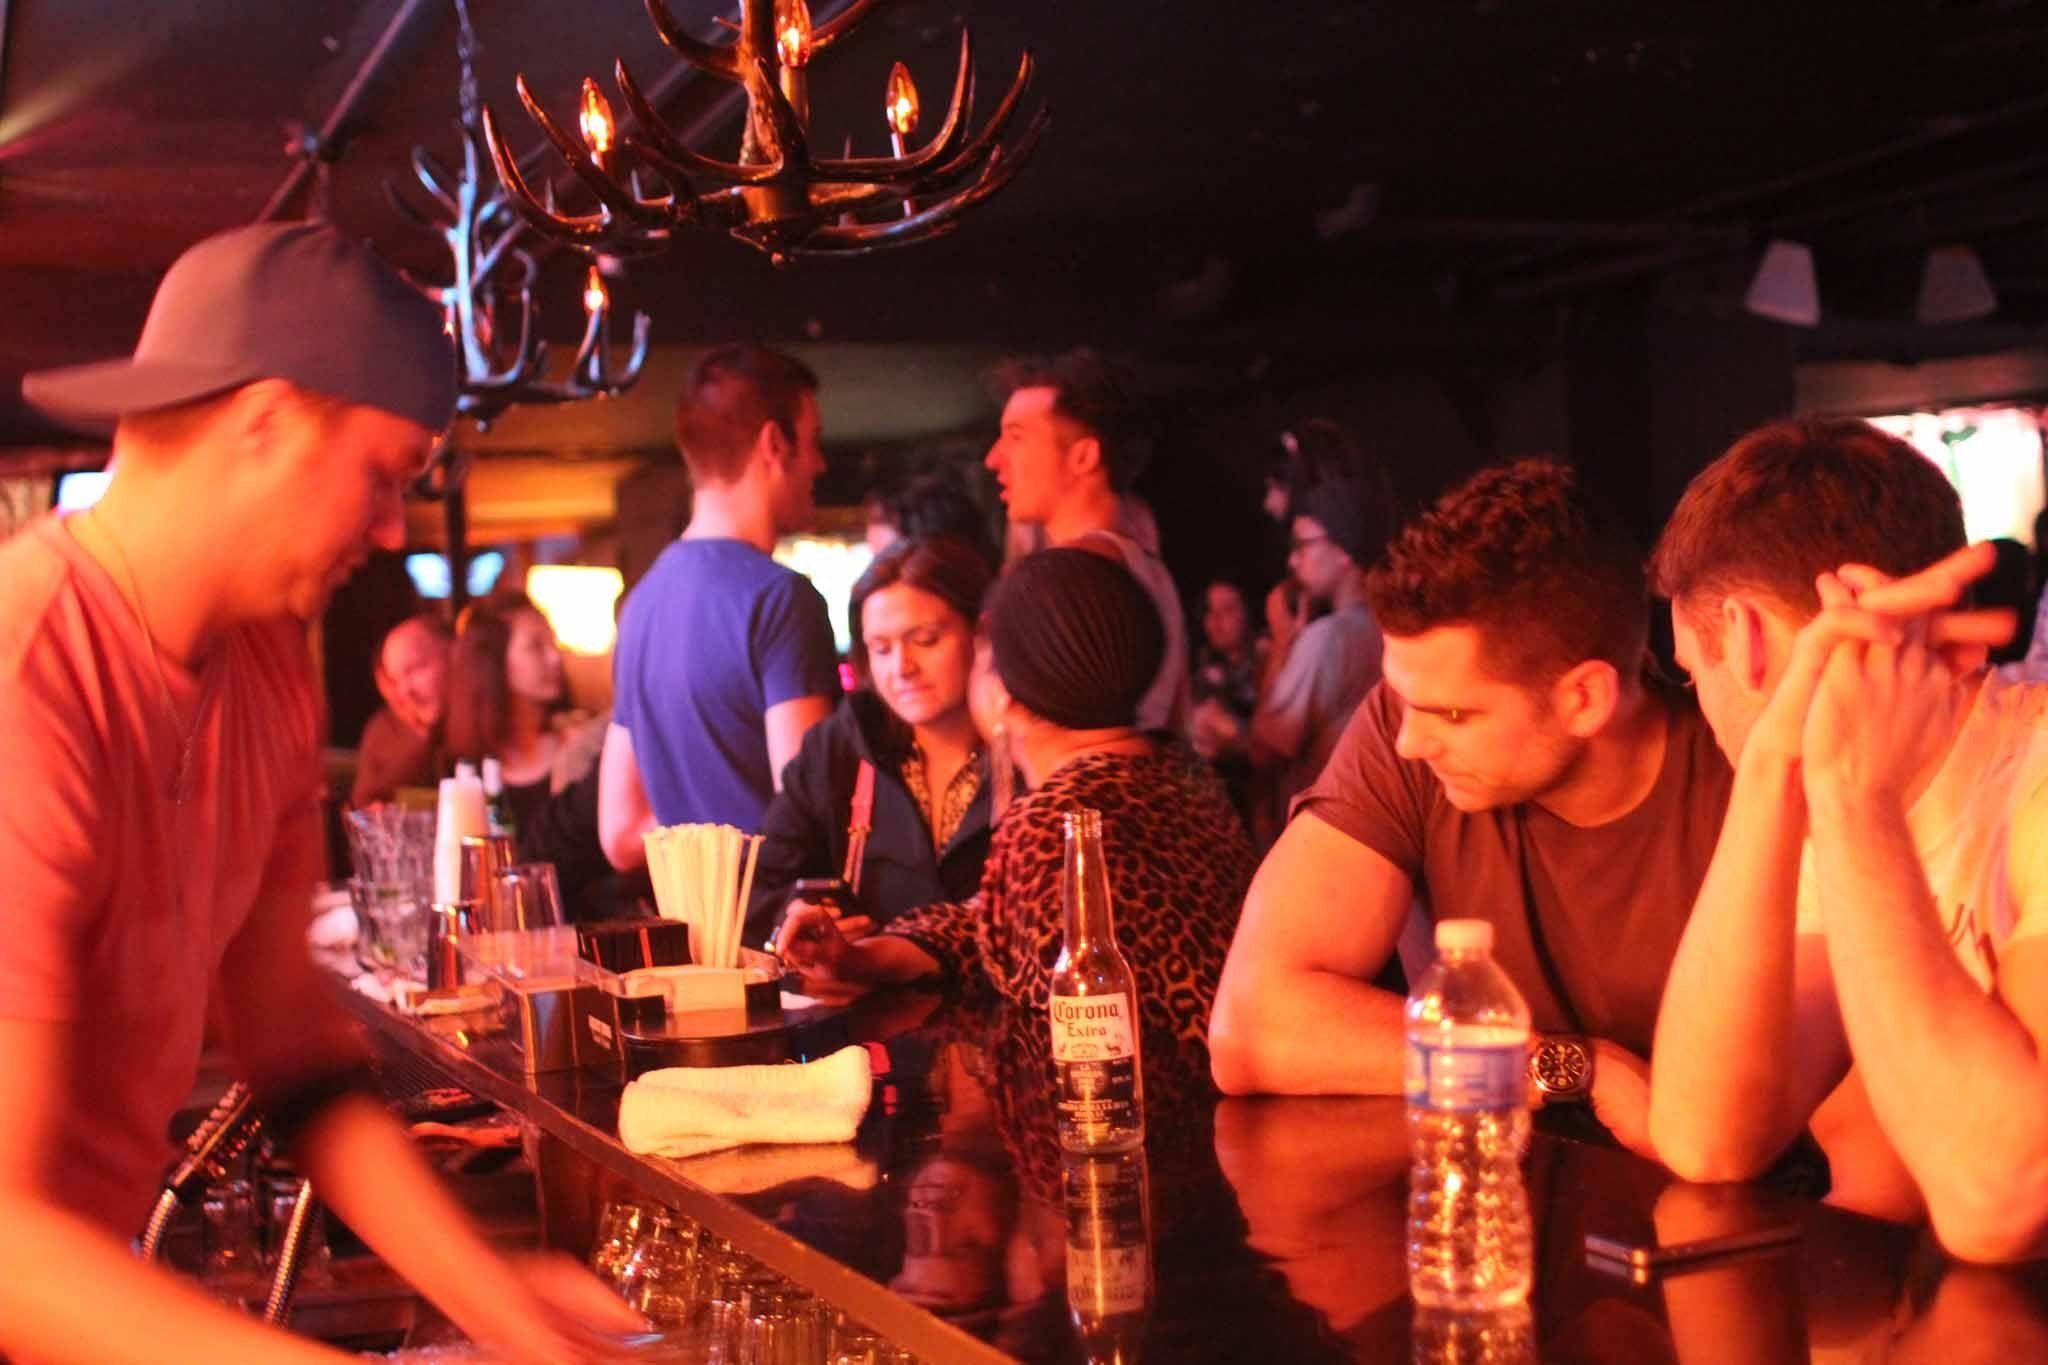 Asian gay bar nyc